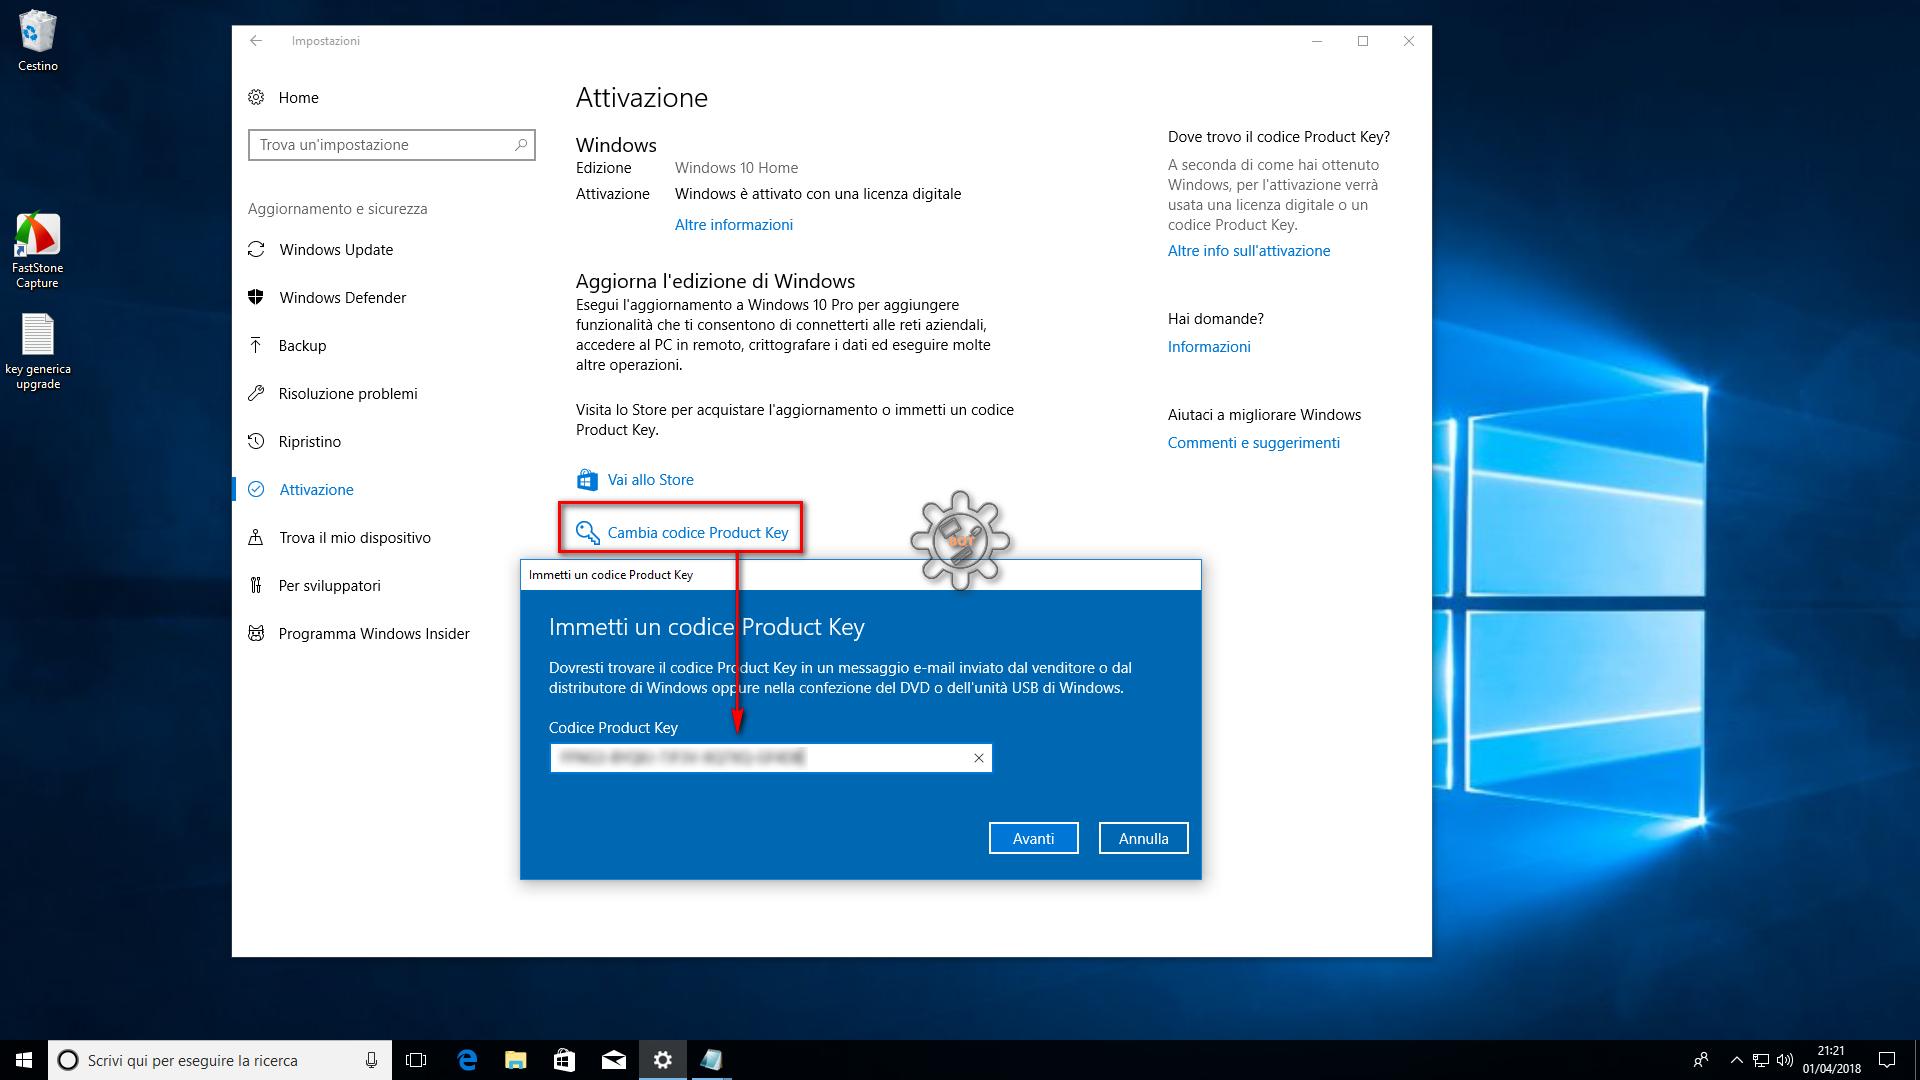 windows 10 free key 2018